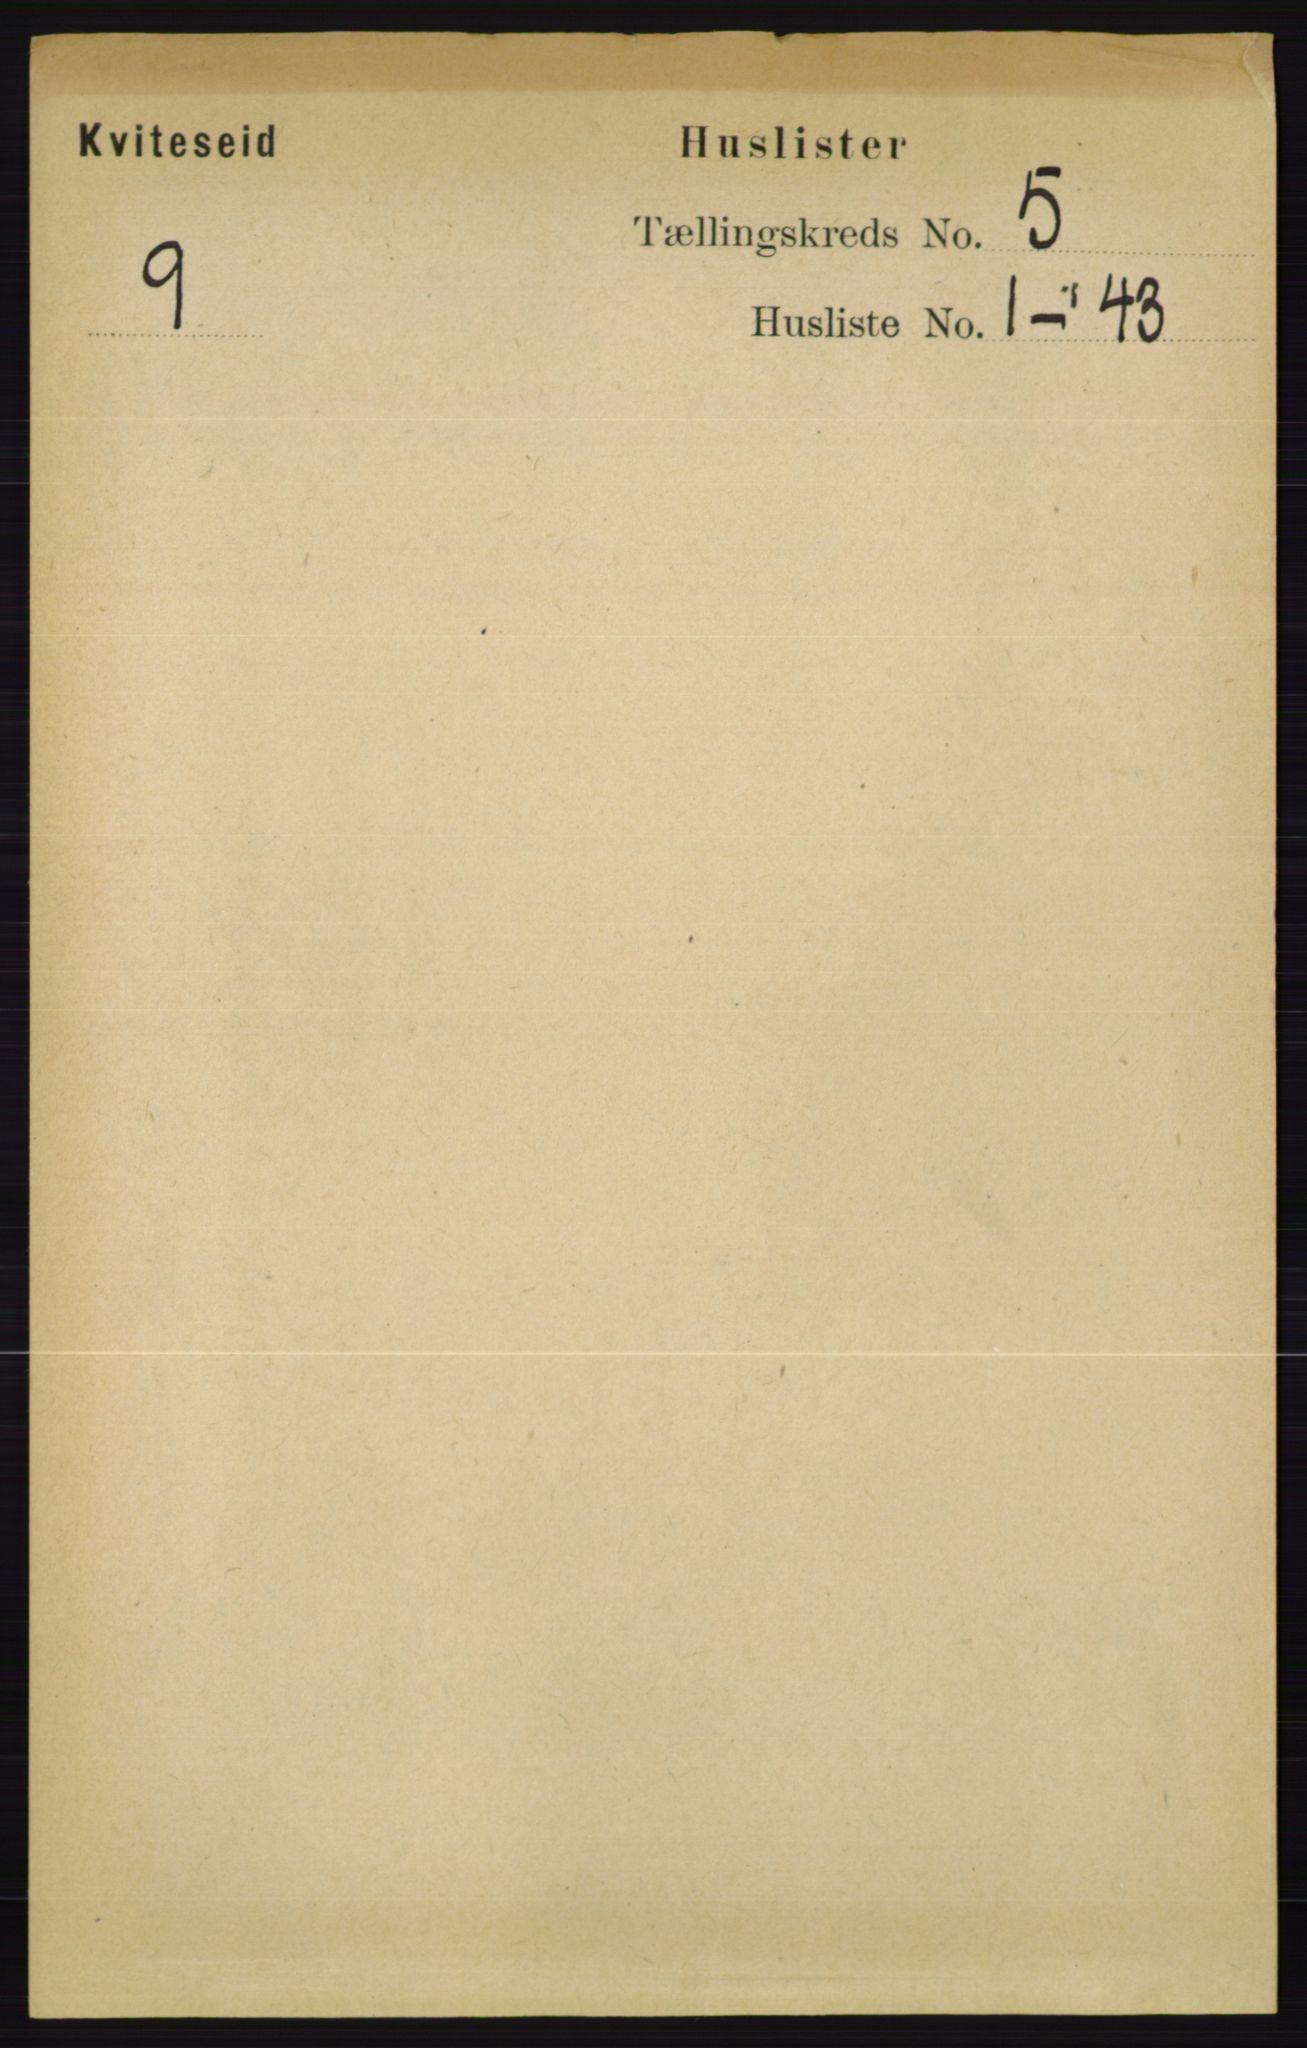 RA, Folketelling 1891 for 0829 Kviteseid herred, 1891, s. 860